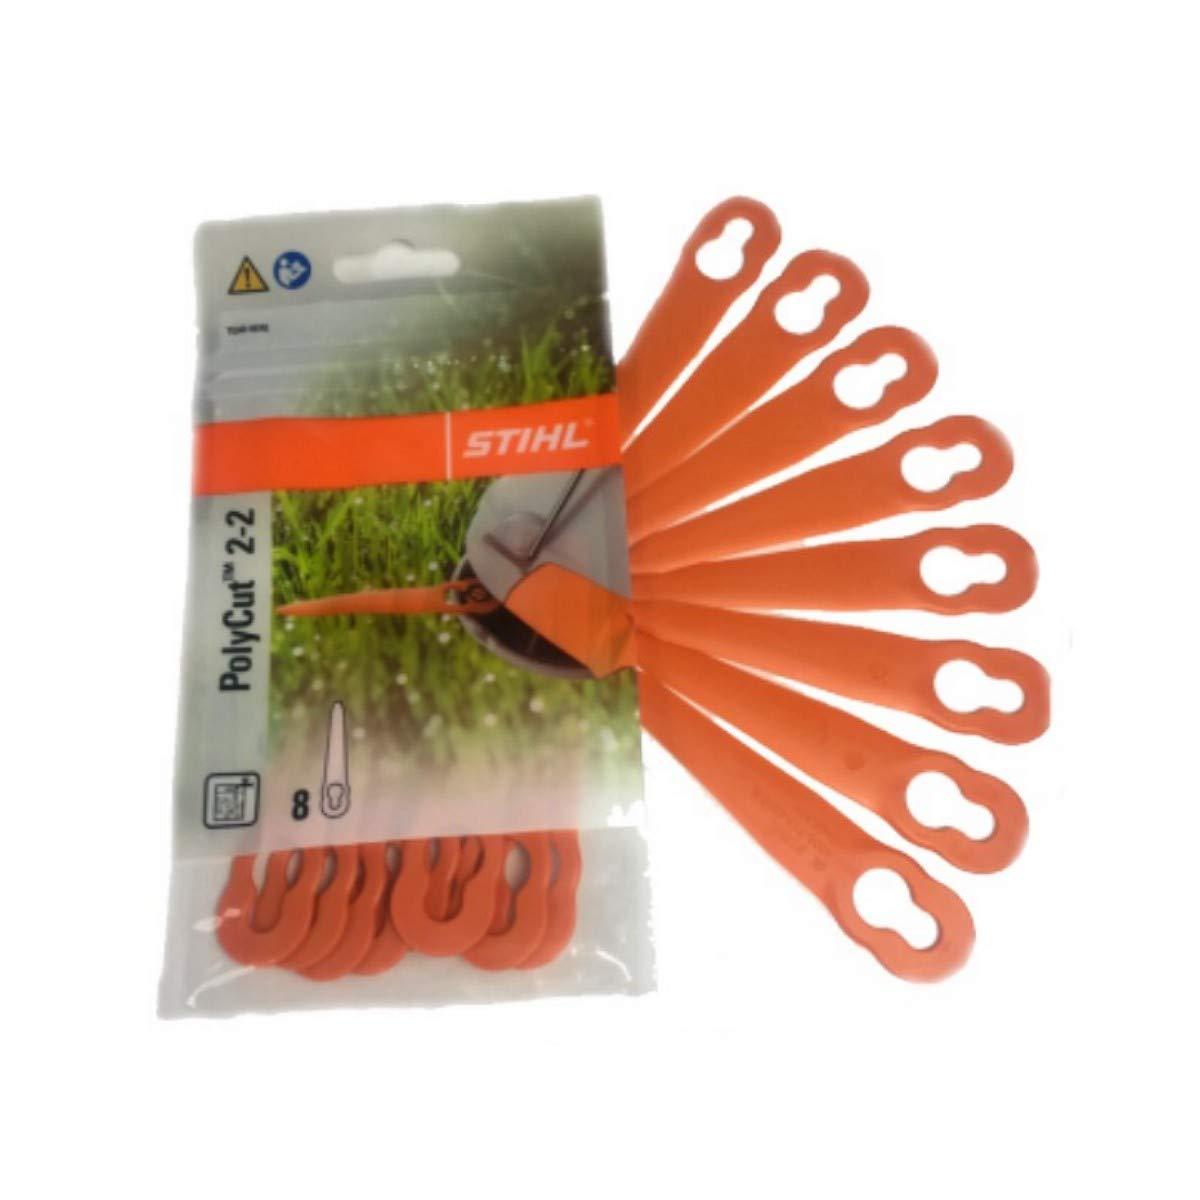 Cuchillas de plástico Stihl PolyCut 2-2 para cortabordes FSA 45 ...